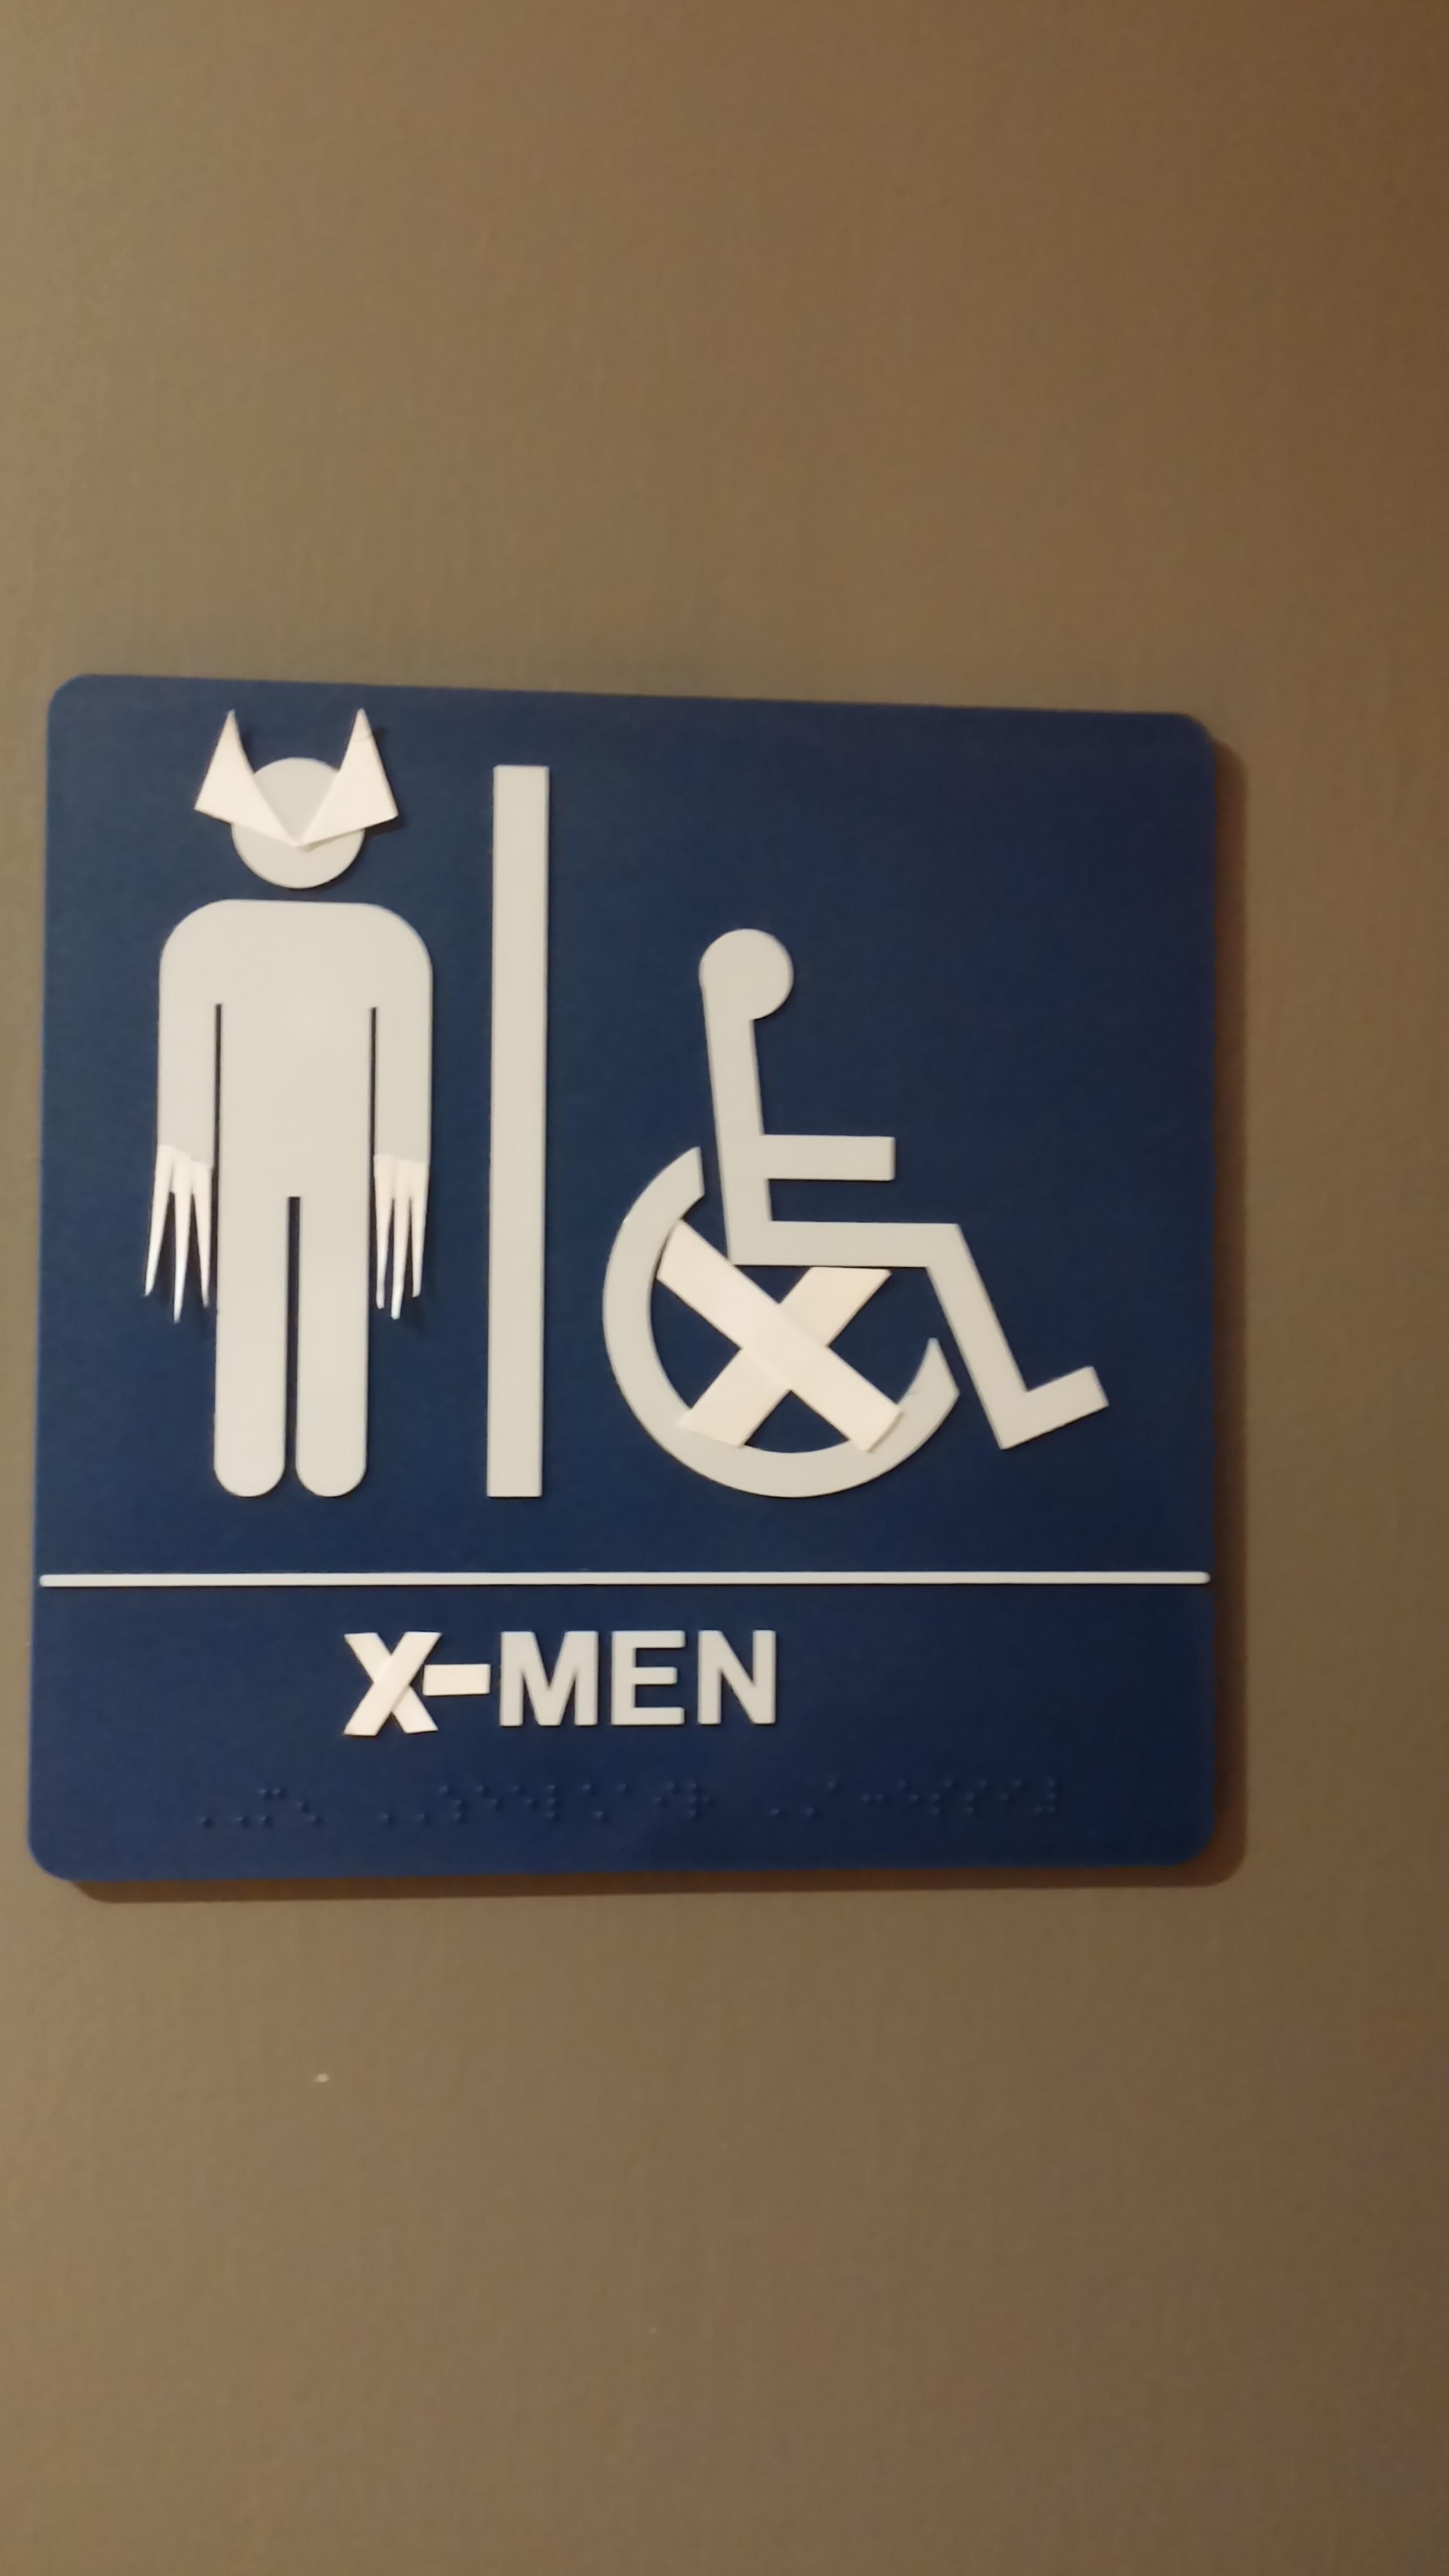 Weird bathroom signs - The 11 Weirdest Most Amusing Men S And Women S Bathroom Signs Someecards Weird News